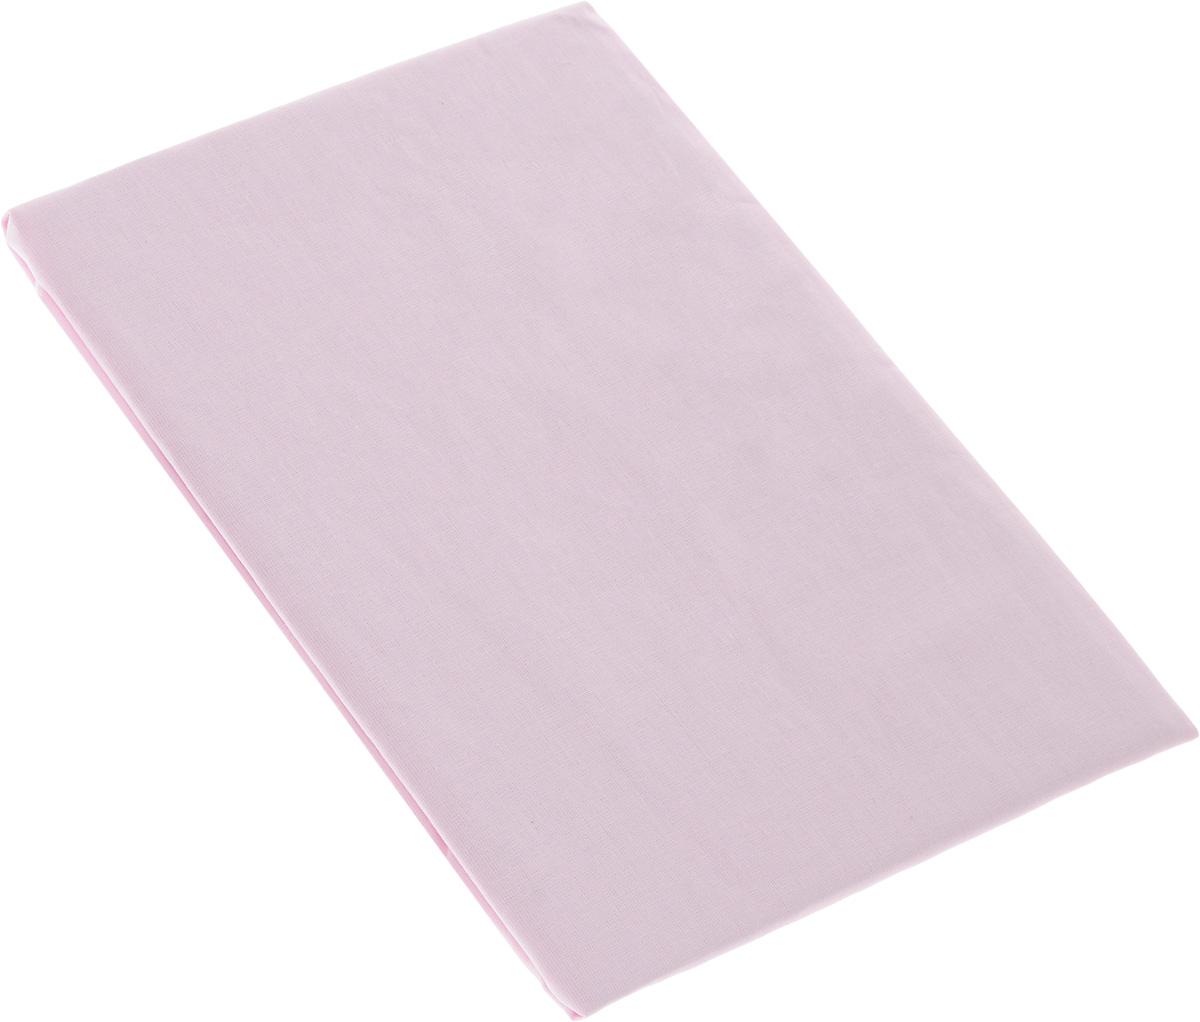 Наволочка ЭГО, цвет: розовый, 50 x 70 смЭ-НБ-01-4445Наволочка Эго выполнена из бязи (100% хлопок). Высочайшее качество материала гарантирует безопасность не только взрослых, но и самых маленьких членов семьи. Наволочка гармонично впишется в интерьер вашего дома и создаст атмосферу уюта и комфорта.